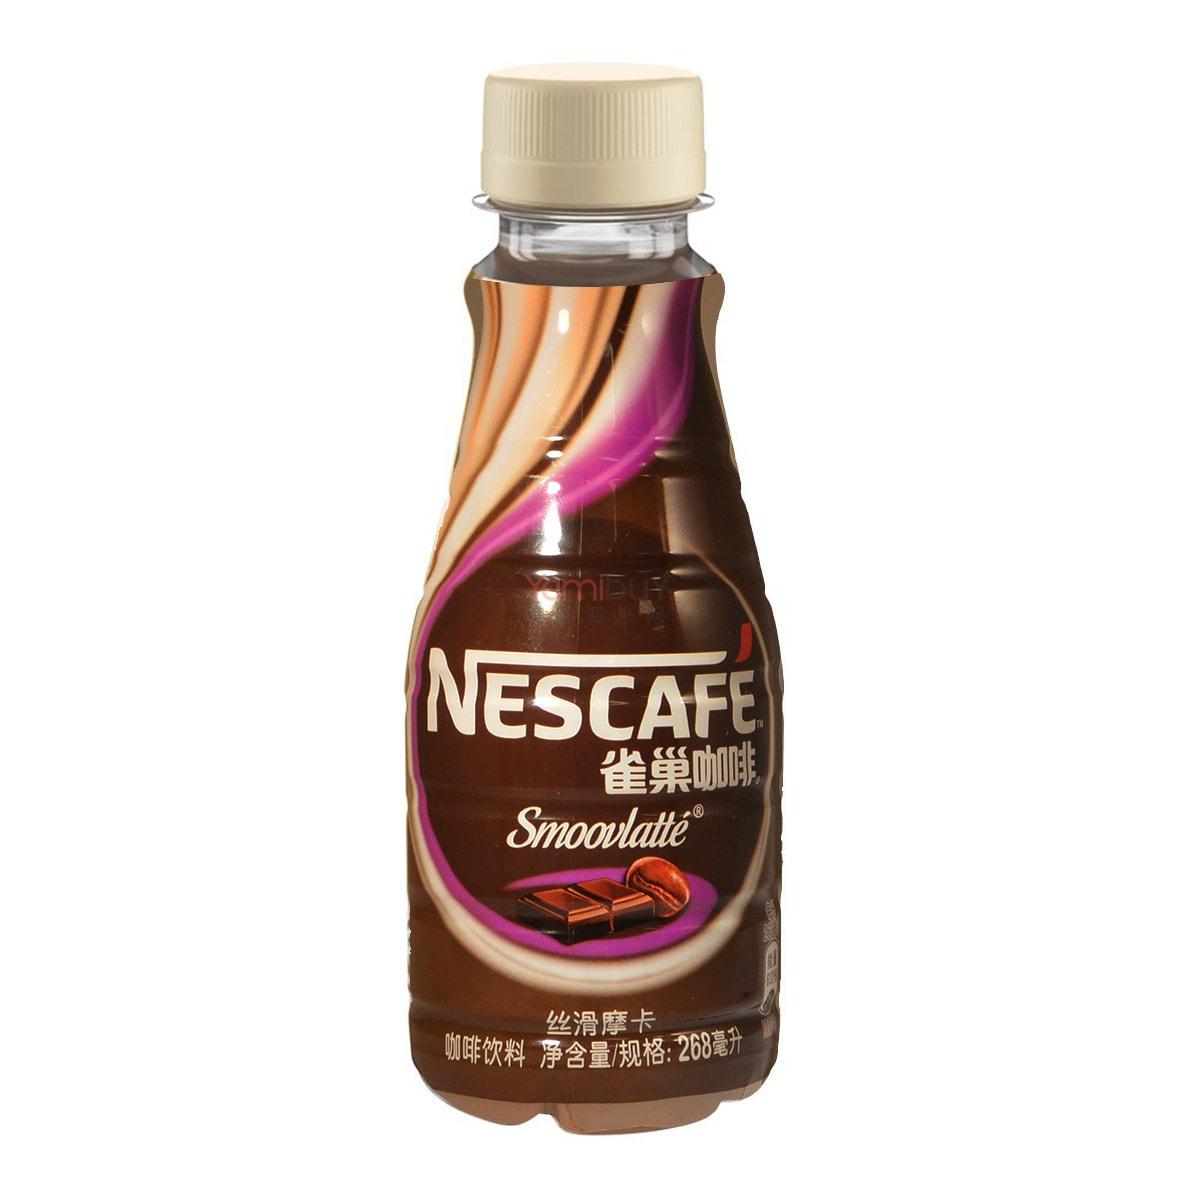 雀巢 丝滑摩卡咖啡 268ml